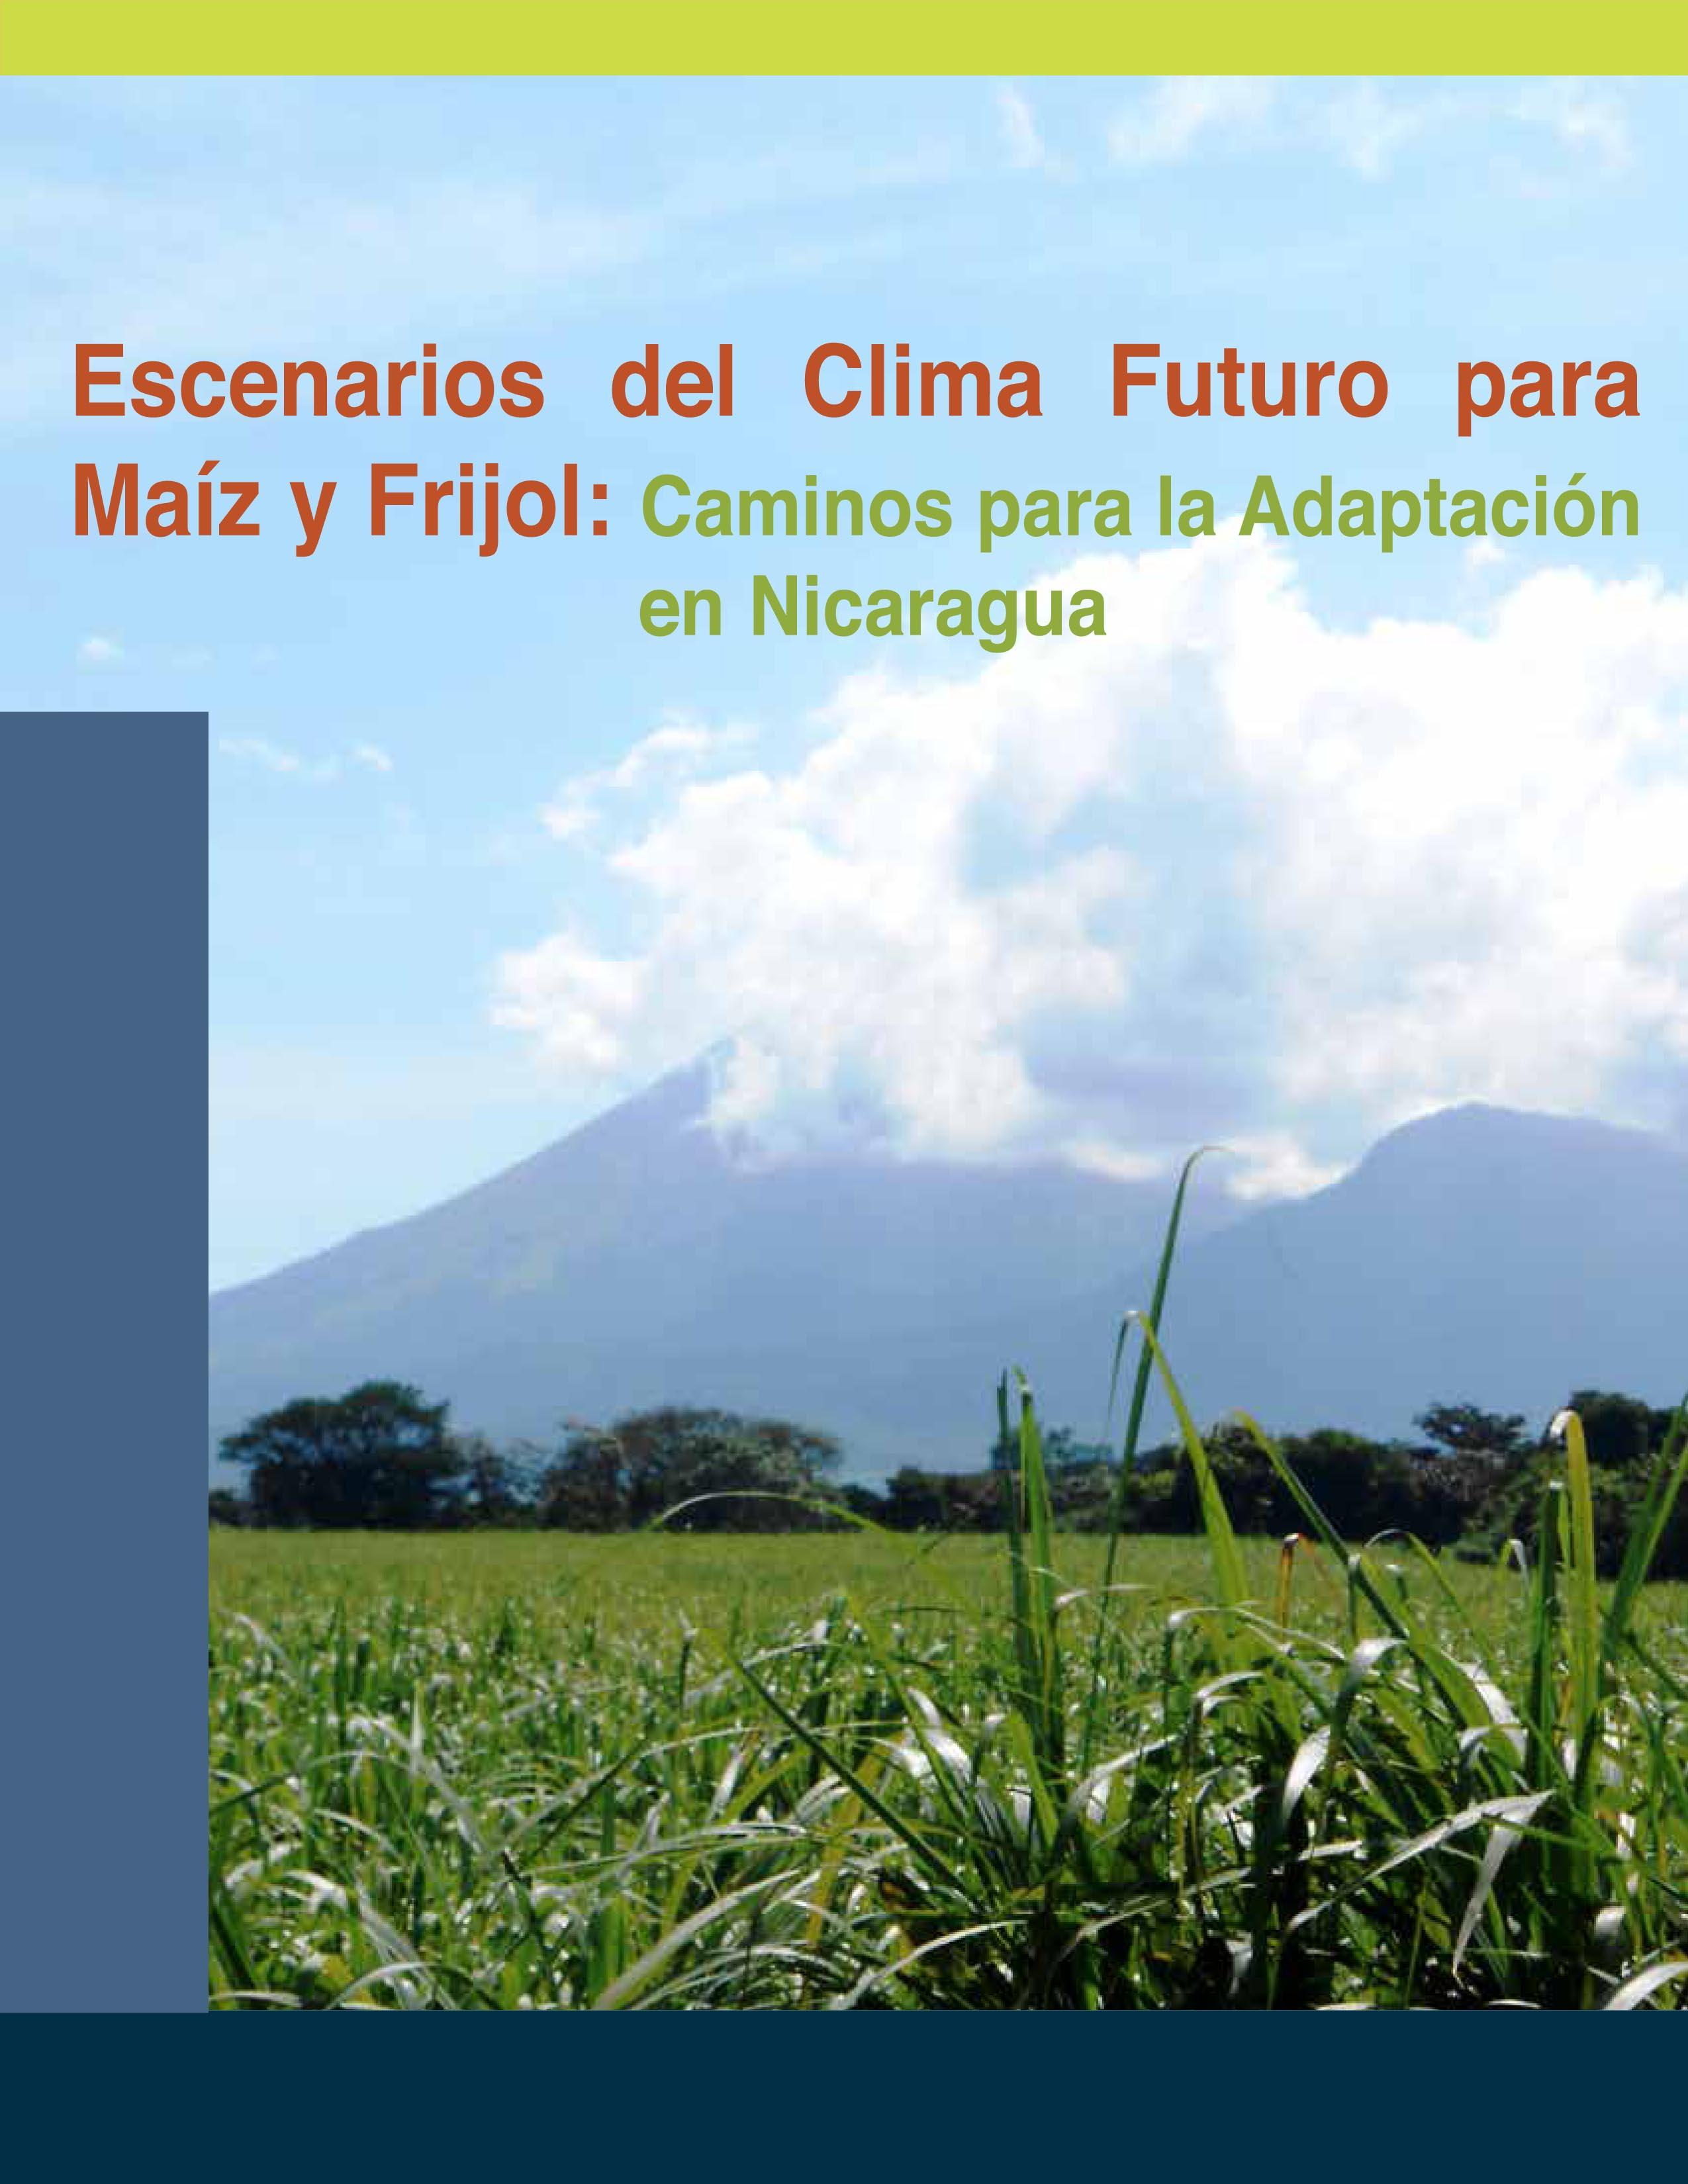 Escenarios del clima futuro para maíz y frijol: caminos para la adaptación en Nicaragua Image principale